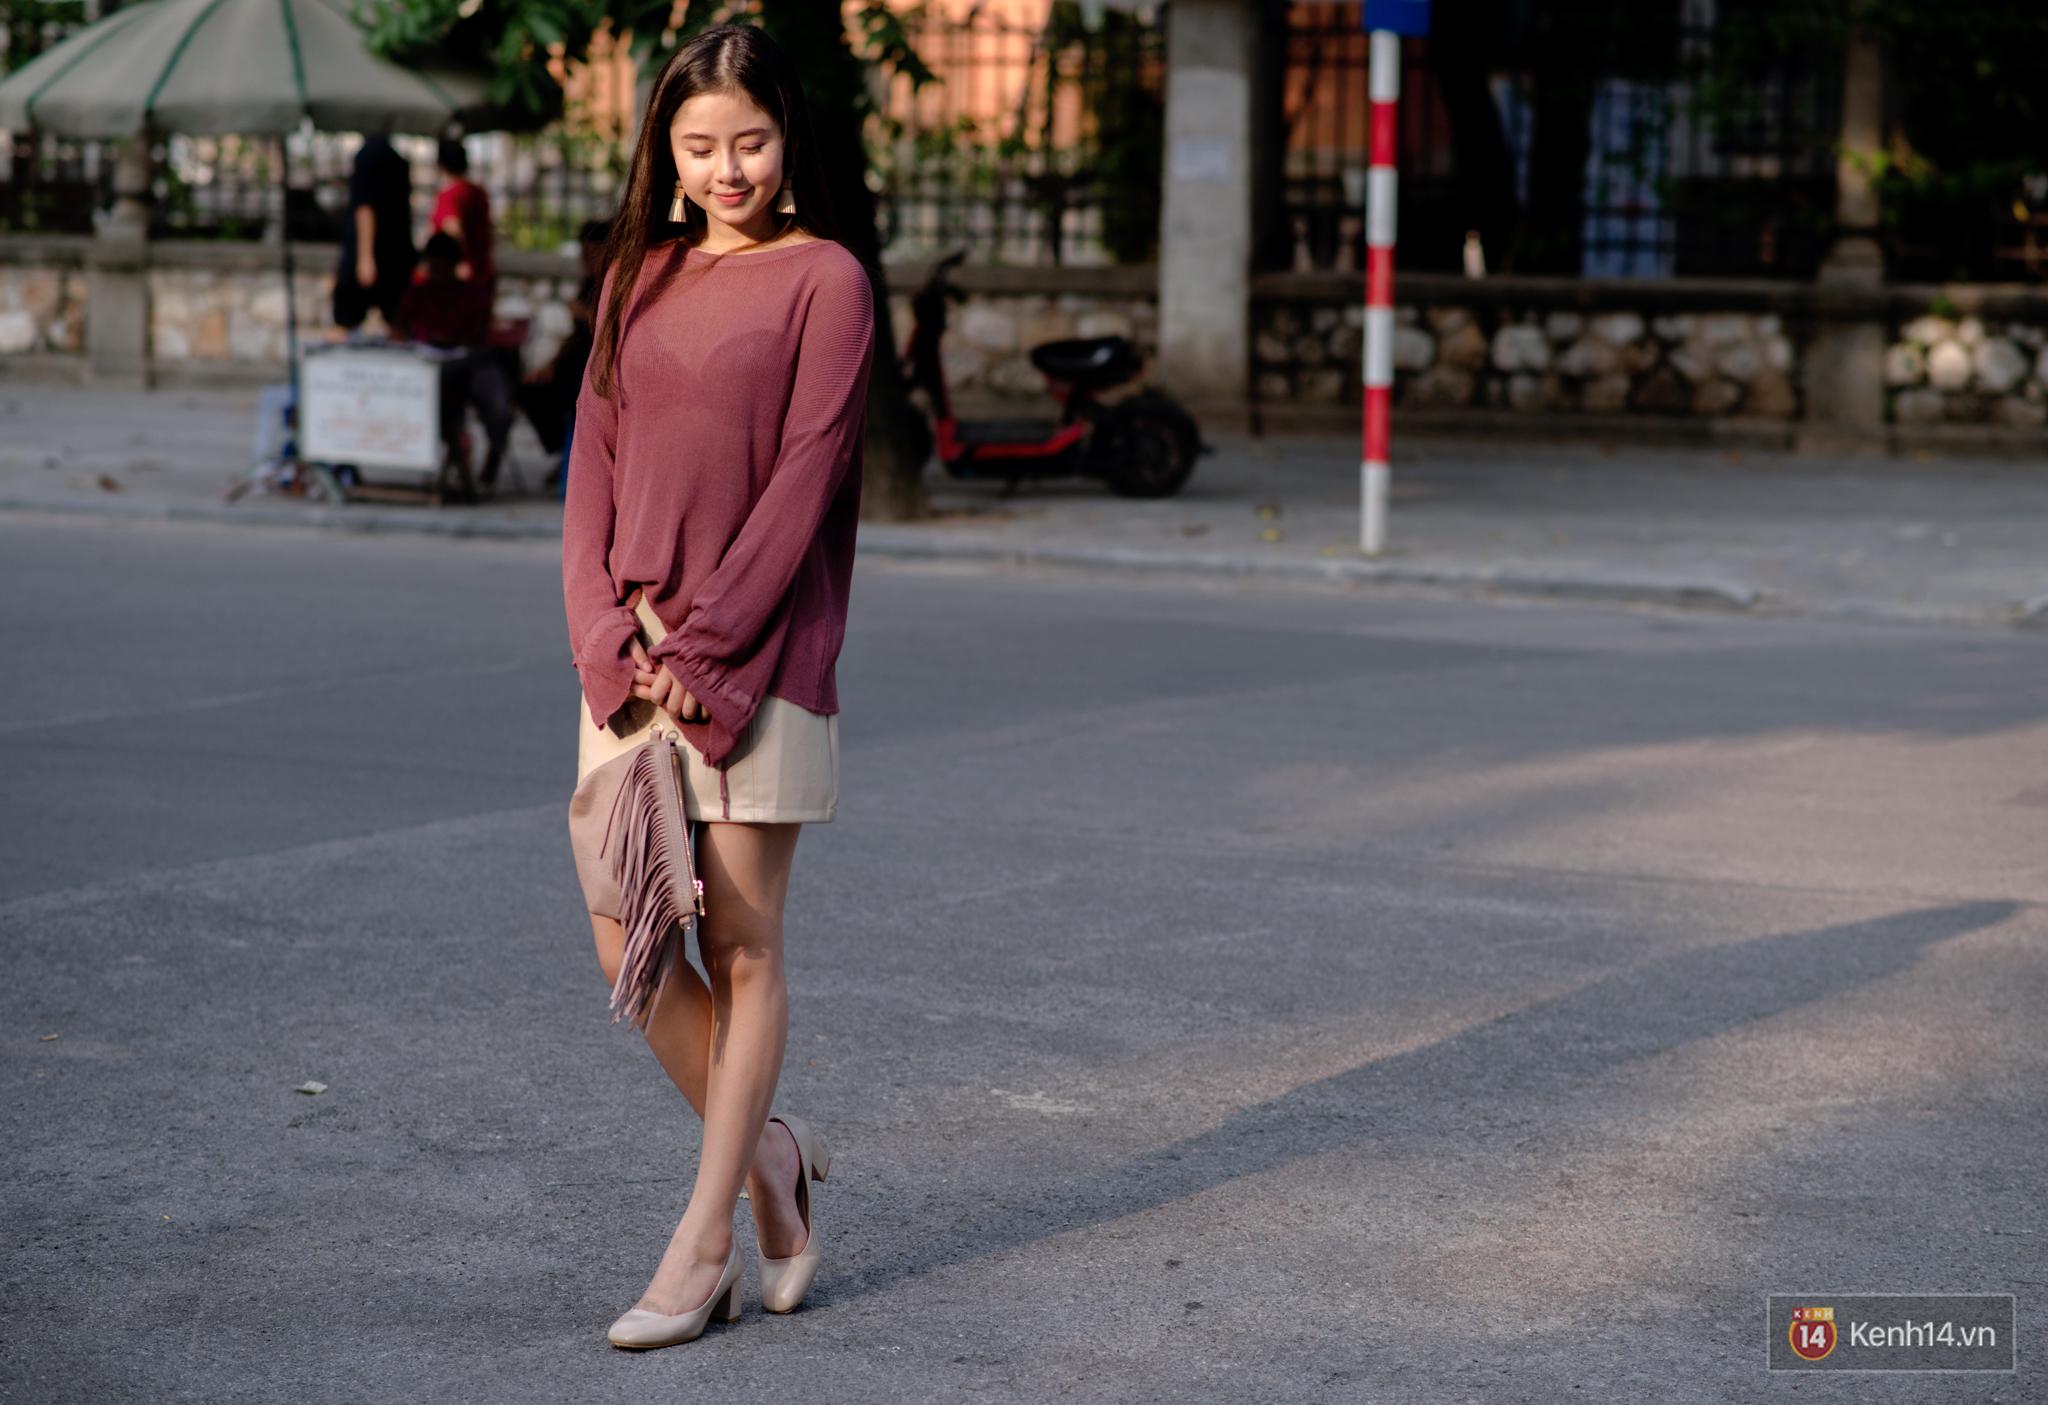 Street style 2 miền: Dù theo phong cách nữ tính hay cool ngầu, các bạn trẻ cũng mix đồ cực hay và diện toàn item trendy nhất - Ảnh 14.